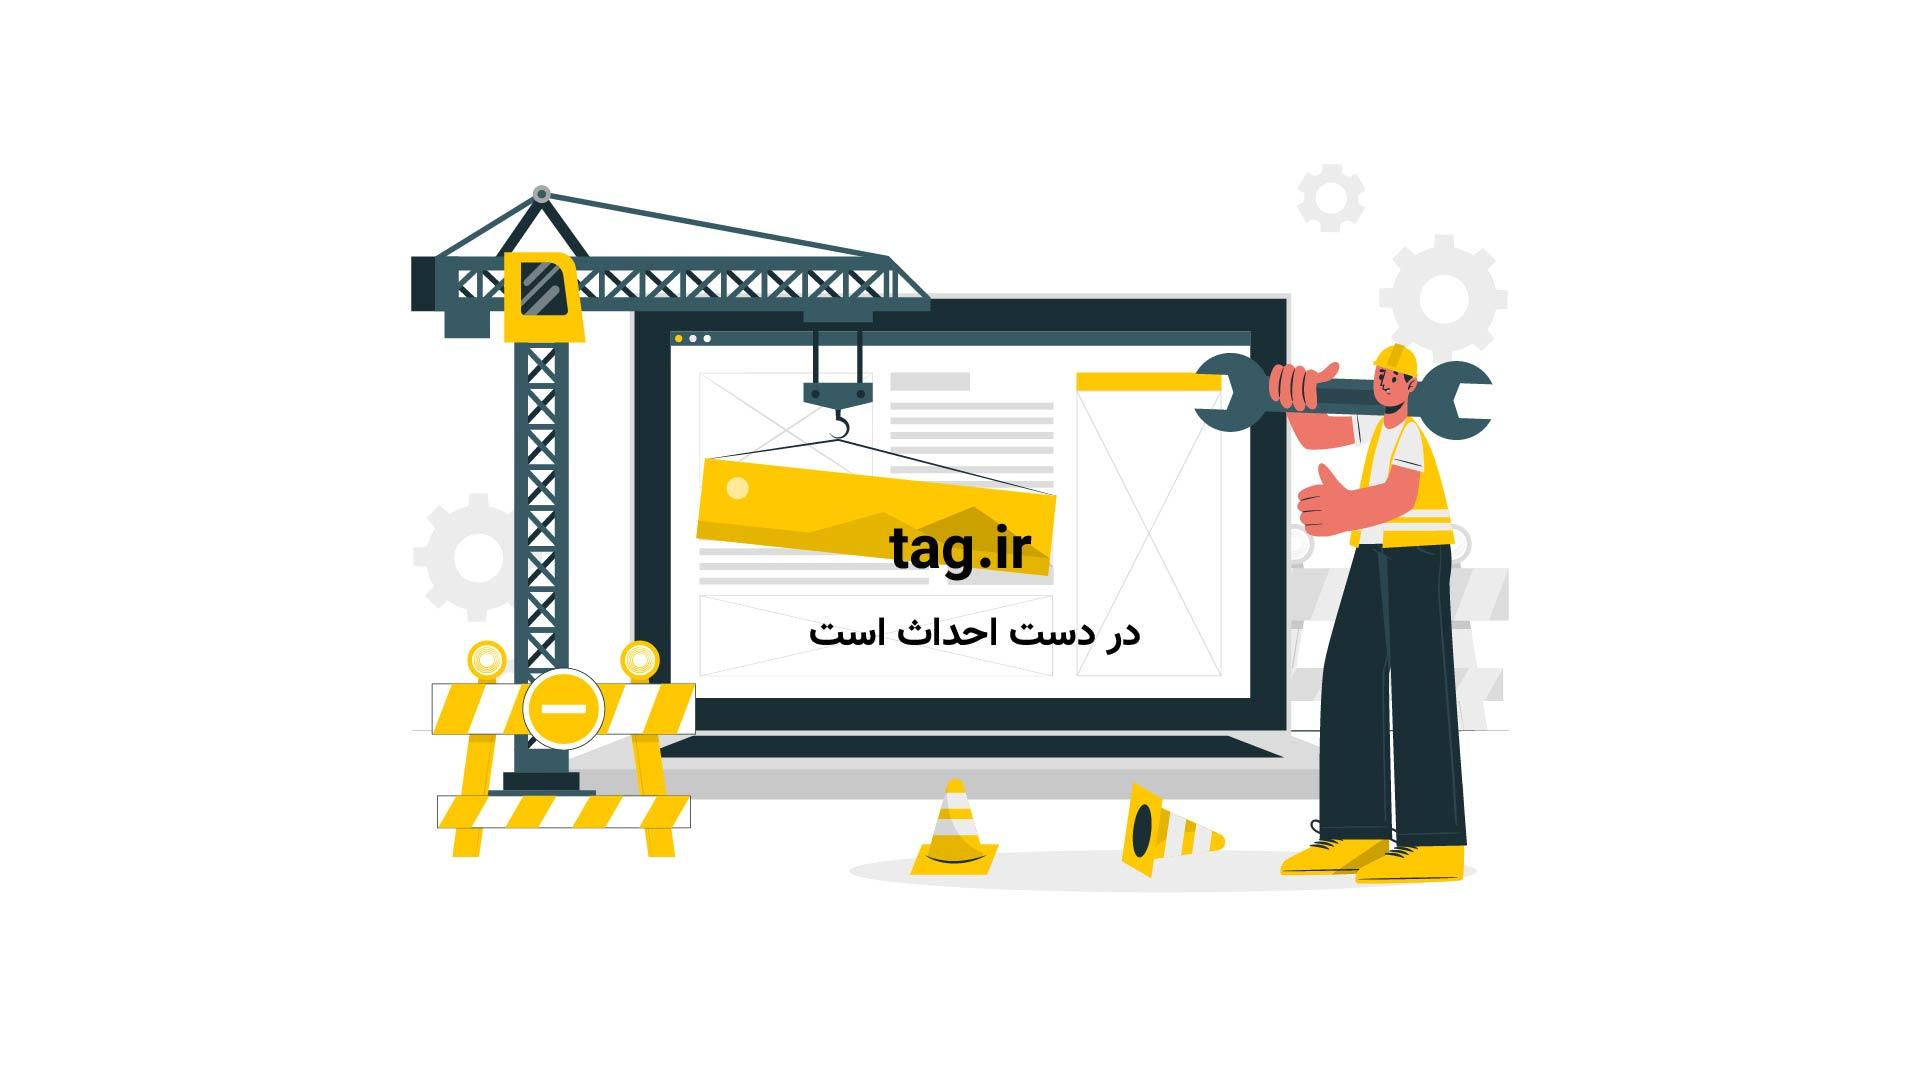 قربانیان تیراندازی فرودگاه فلوریدا؛ ۵ کشته و ٩ زخمی | فیلم